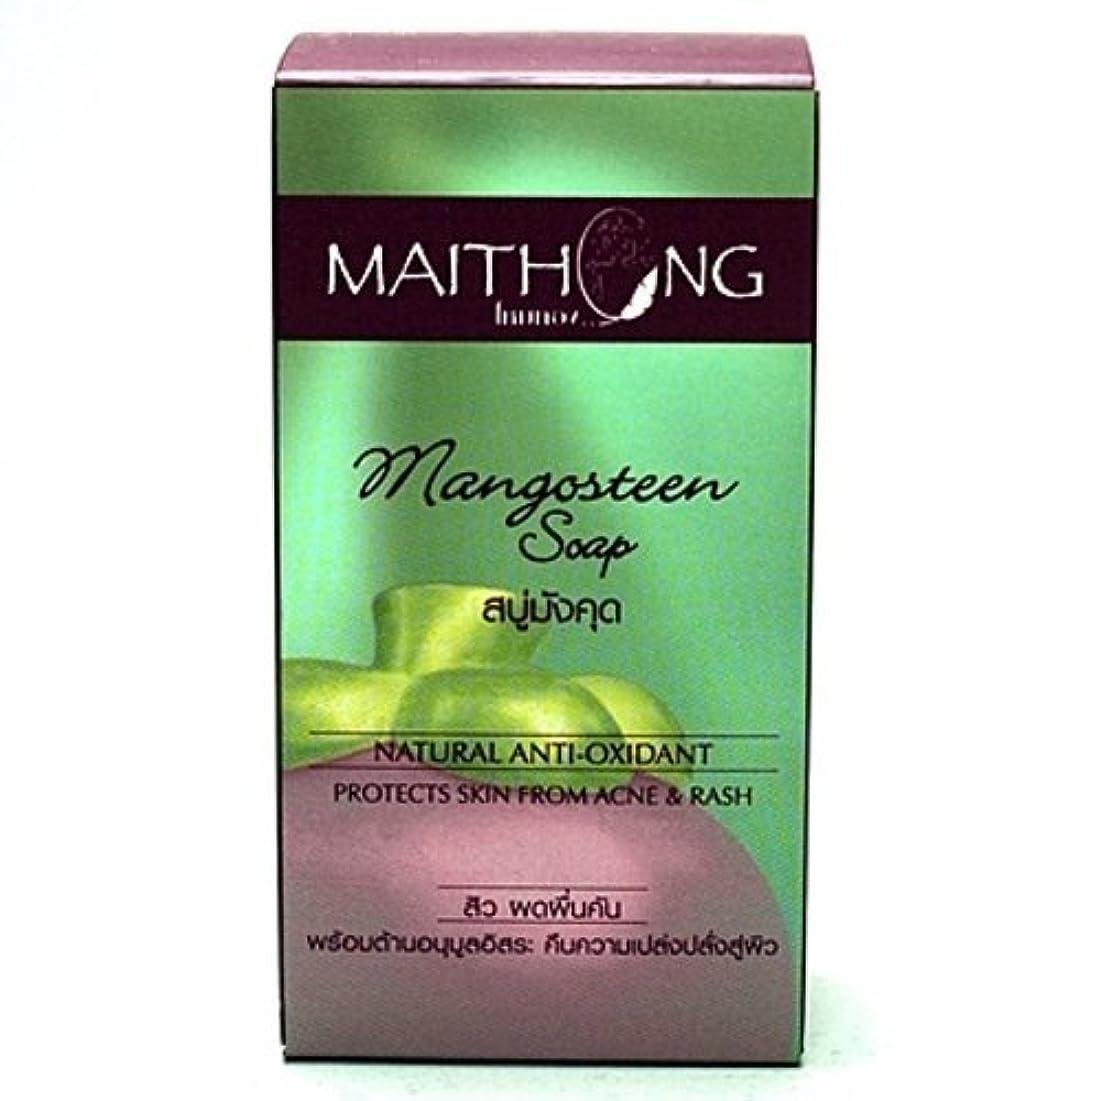 惑星真夜中ためらうMangosteen Soap Face and Body Wash Acne Rash Black Spot Spa Facial Soap Bar Natural Herb Scent by Maithong